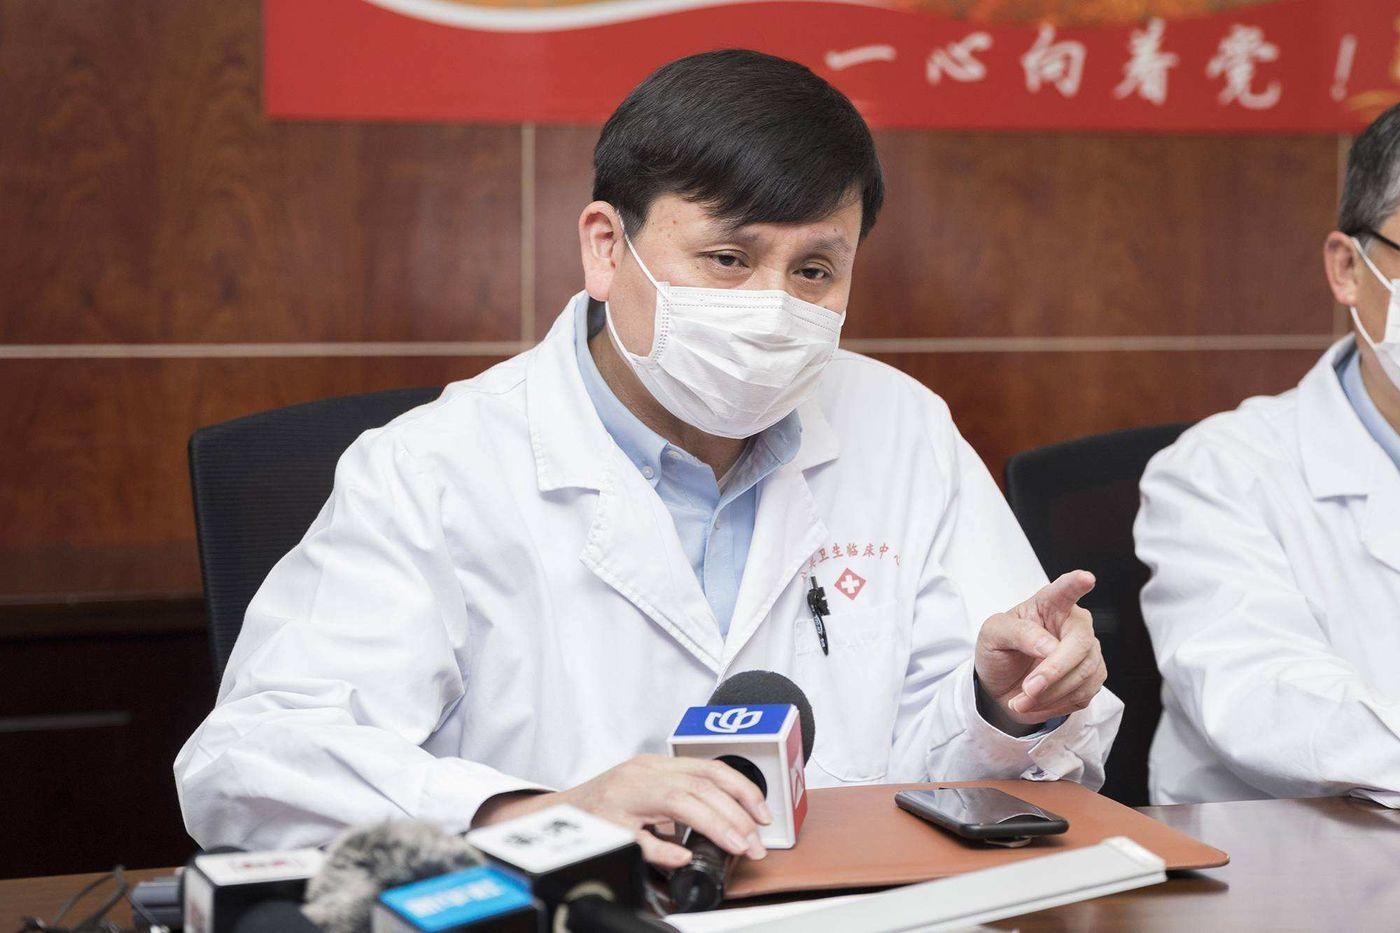 张文宏:疫情控制较好的地区病死率均明显下降,全球抗疫曙光已出现